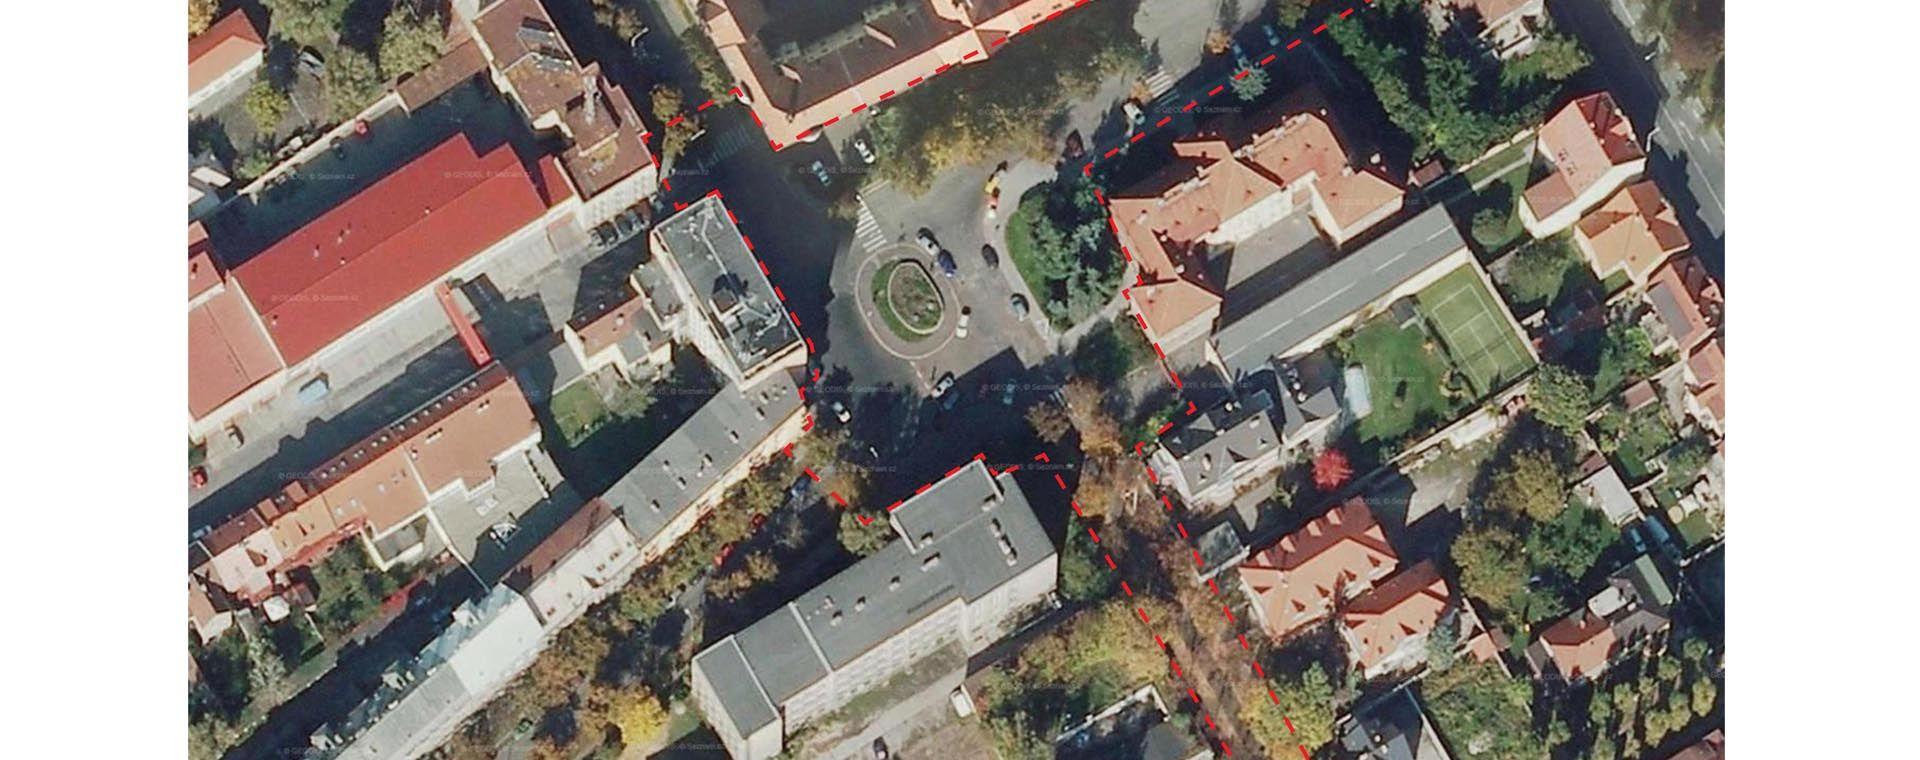 Revitalizace náměstí Edvarda Beneše v Kladně, Atelier Vltava s.r.o vyhrál v architektonické a projekční soutěži